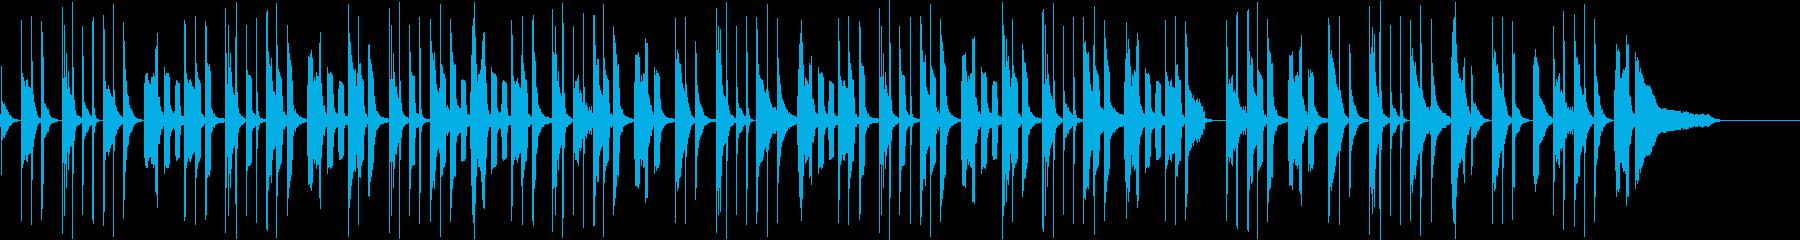 幼児期シーン向けほっこりソングの再生済みの波形